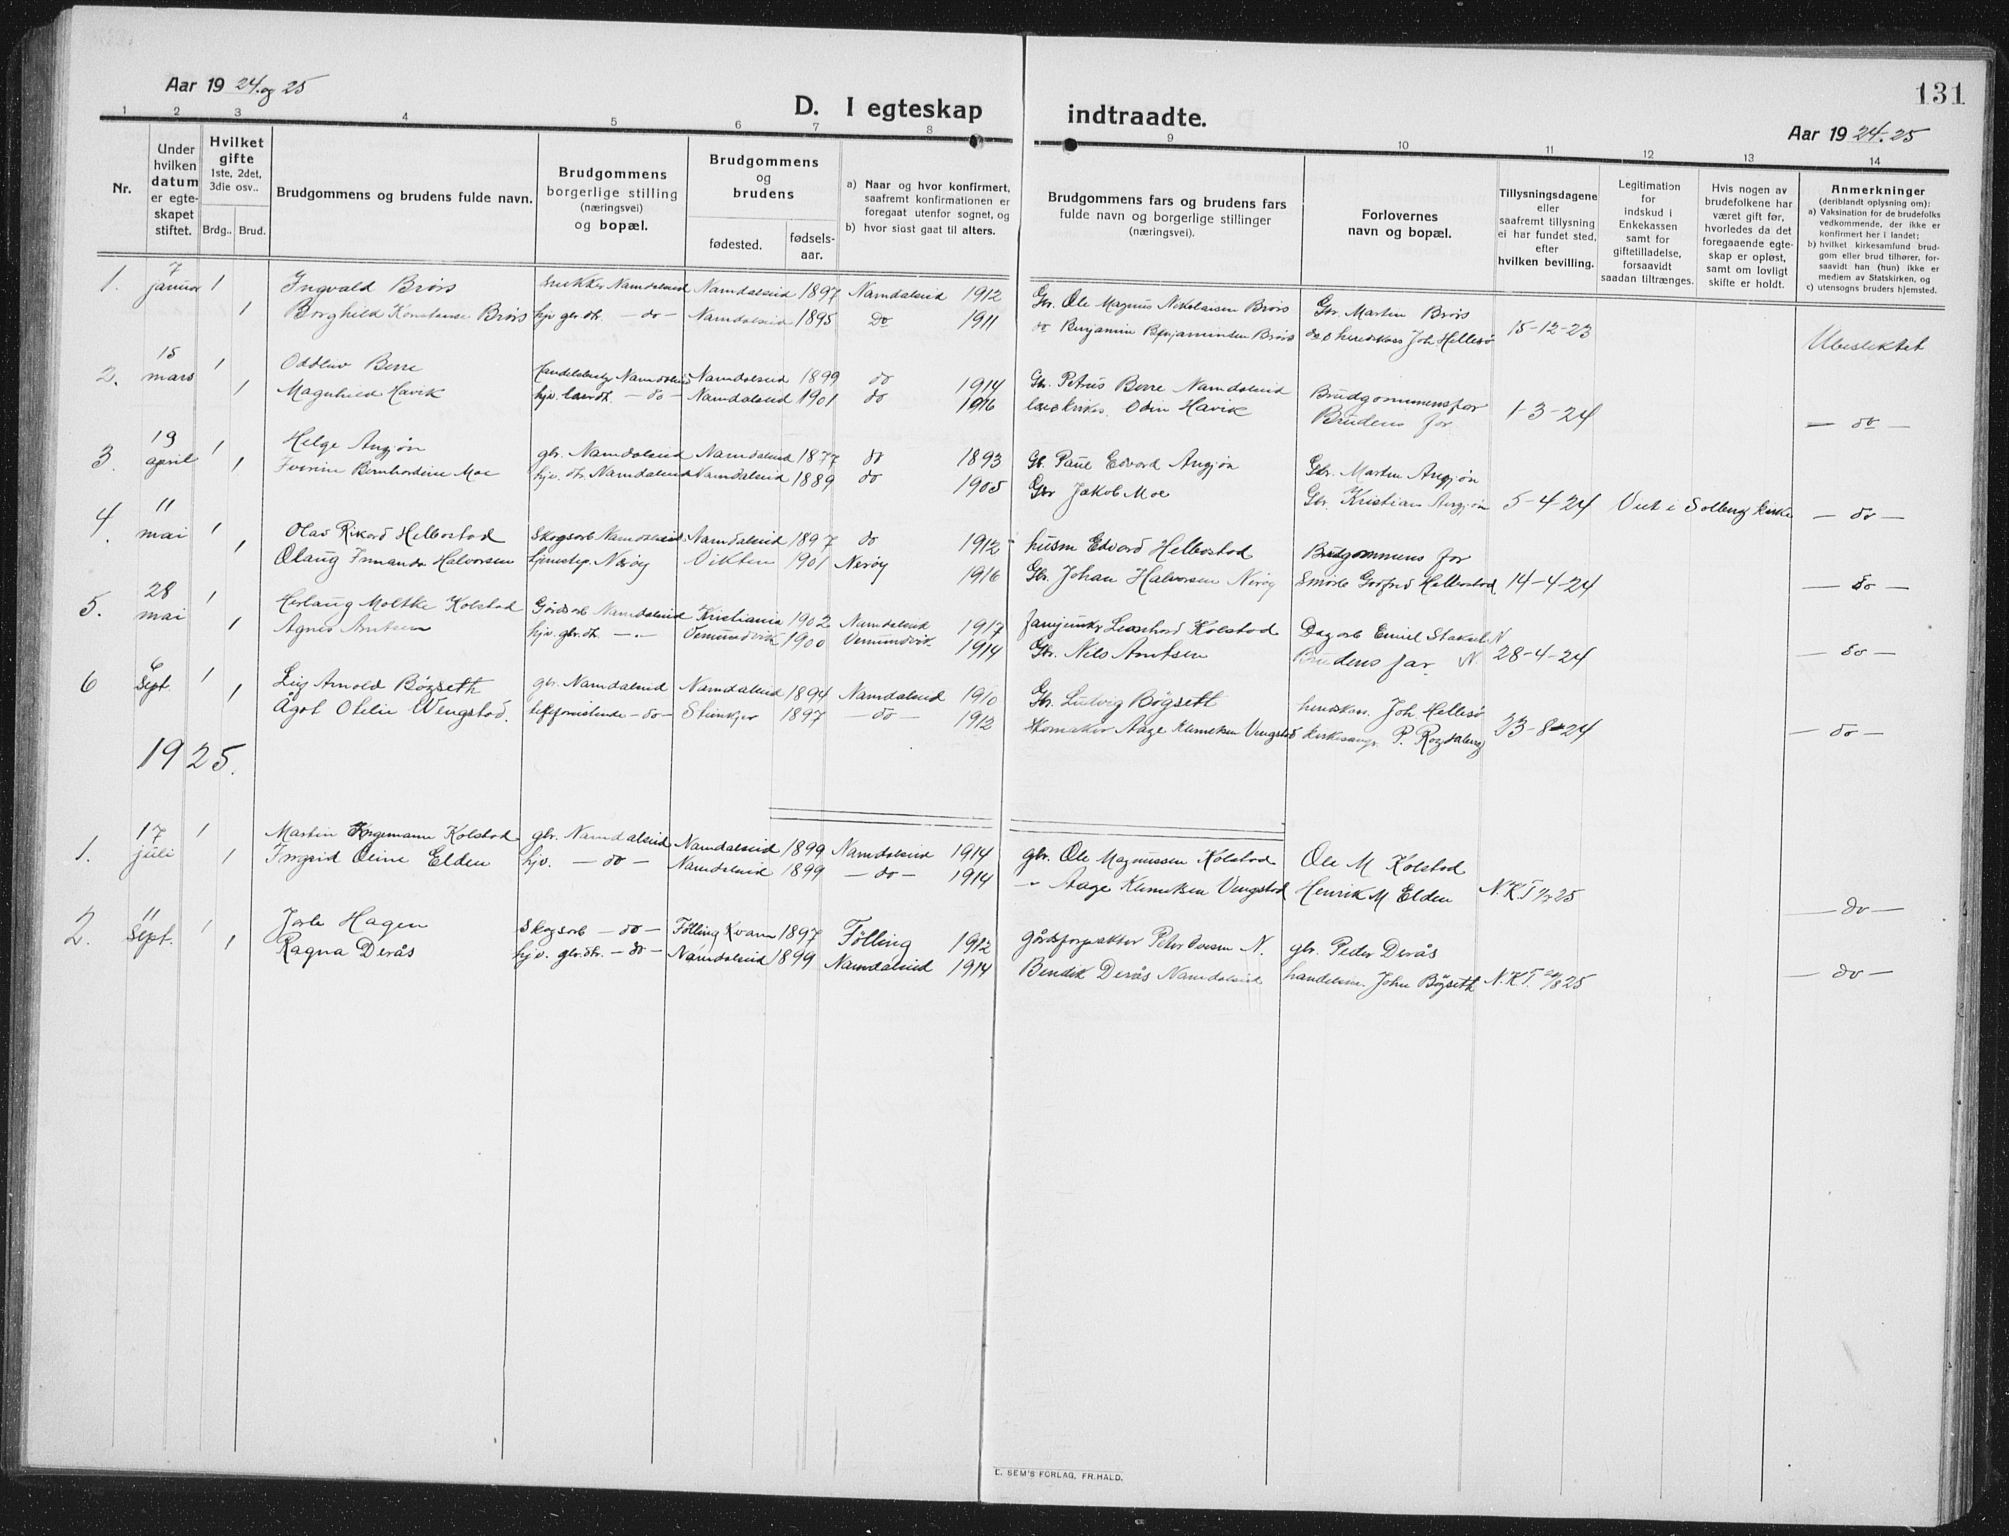 SAT, Ministerialprotokoller, klokkerbøker og fødselsregistre - Nord-Trøndelag, 742/L0413: Klokkerbok nr. 742C04, 1911-1938, s. 131